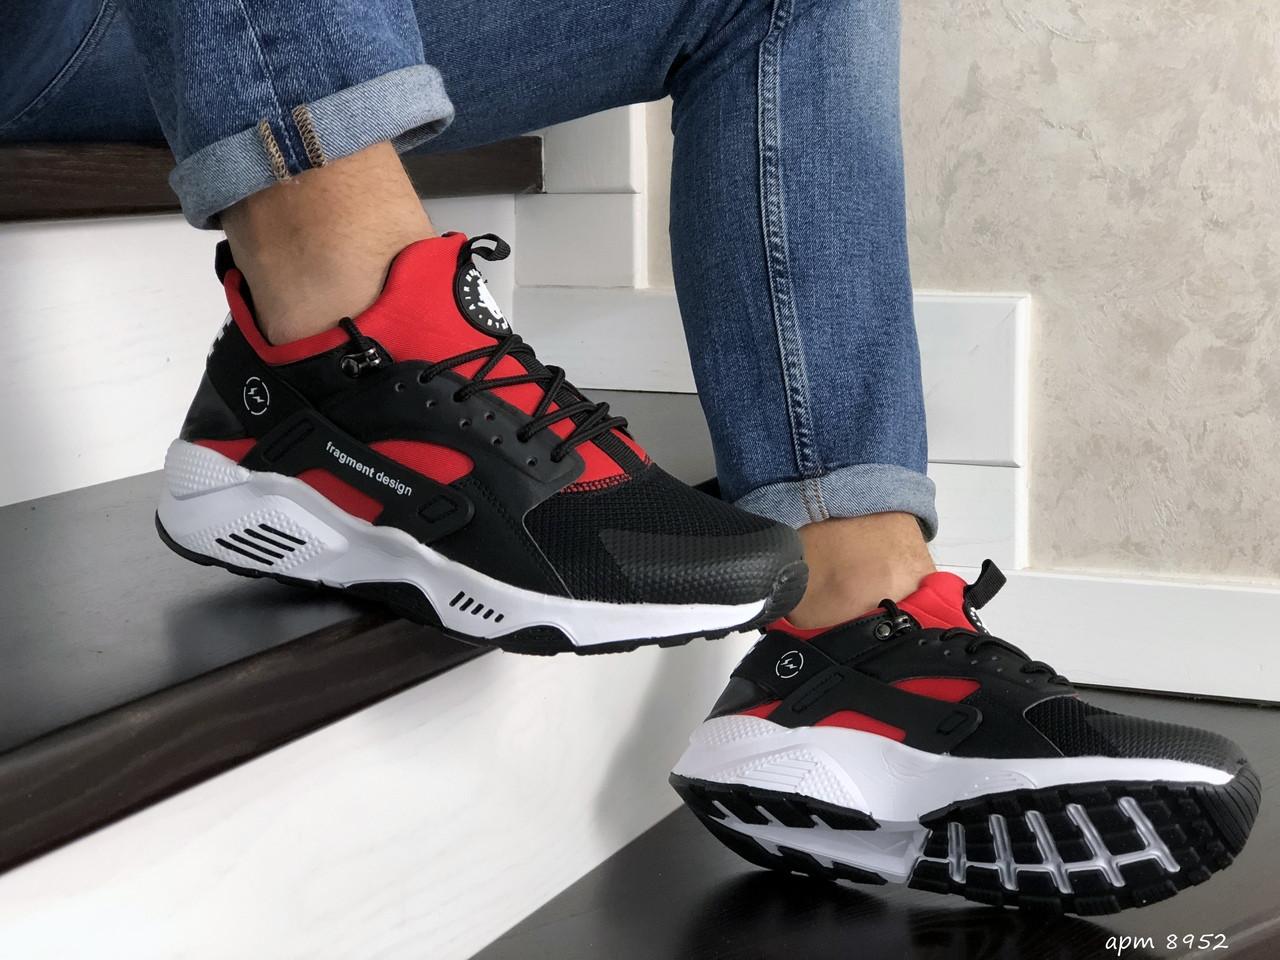 Чоловічі кросівки Nike Huarache Fragment Design (чорно-білі з червоним) 8952